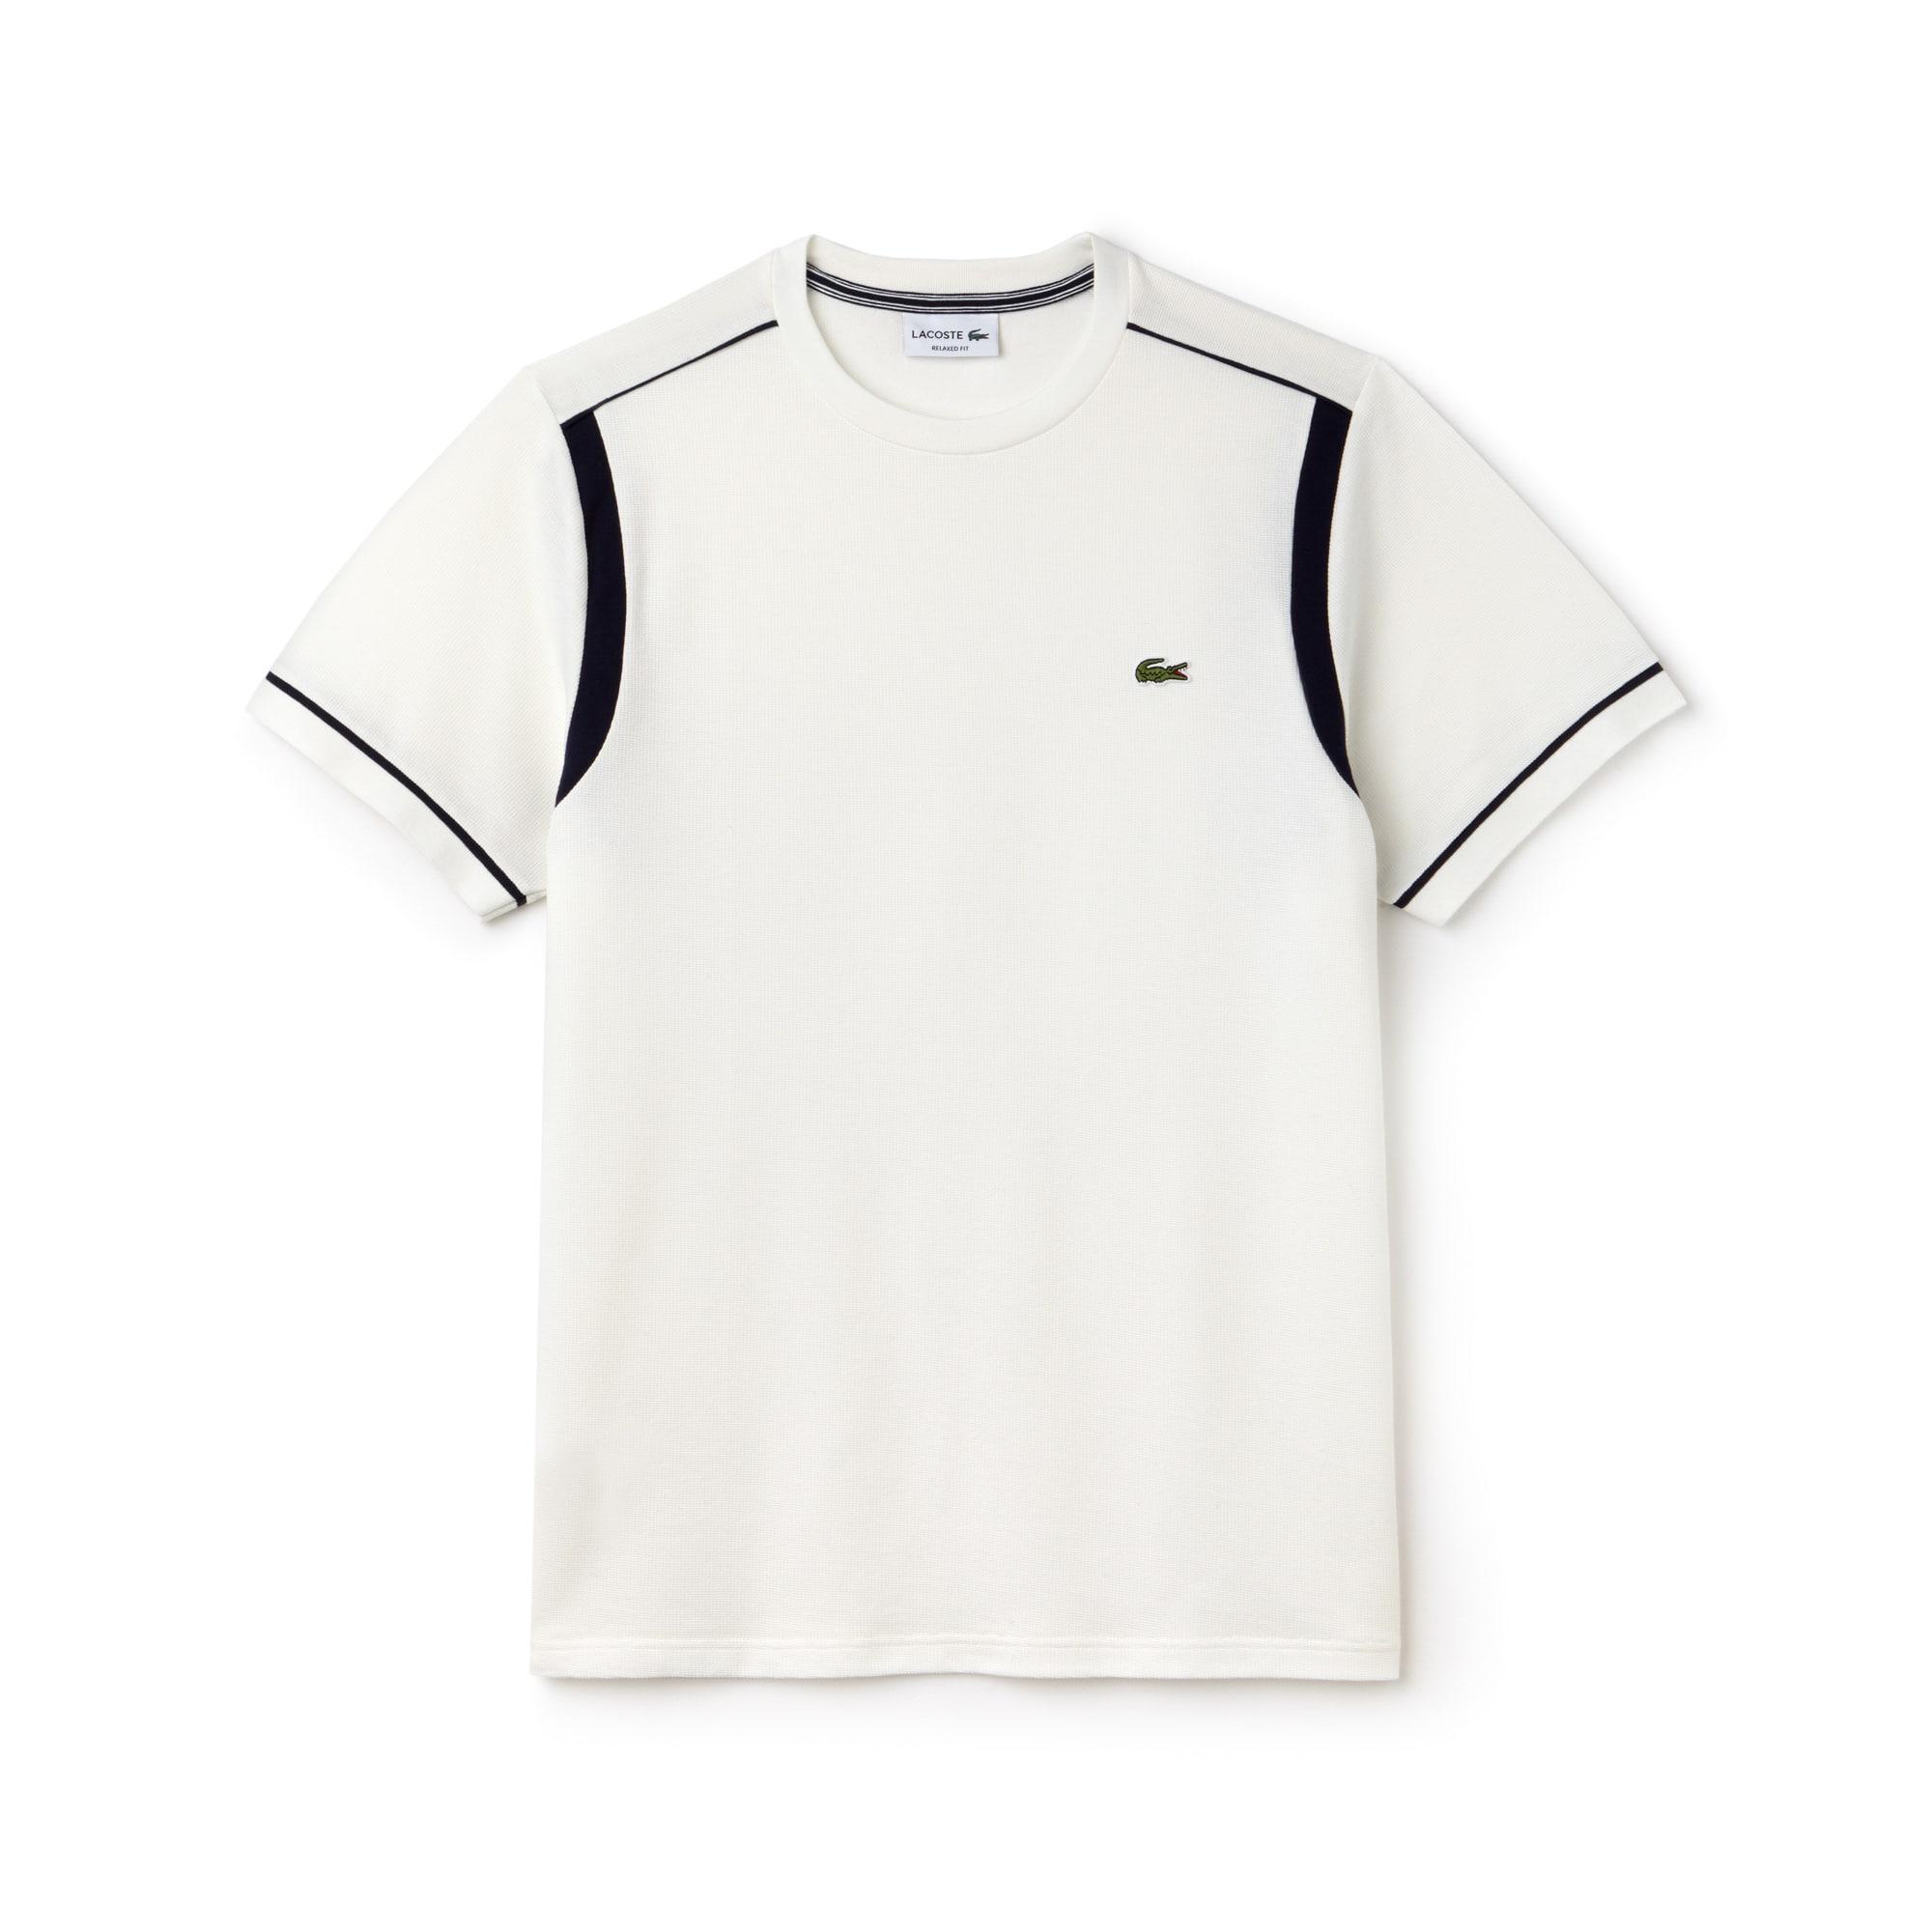 Camiseta Con Cuello Redondo De Punto Cuadrado De Algodón Con Franjas A Contraste